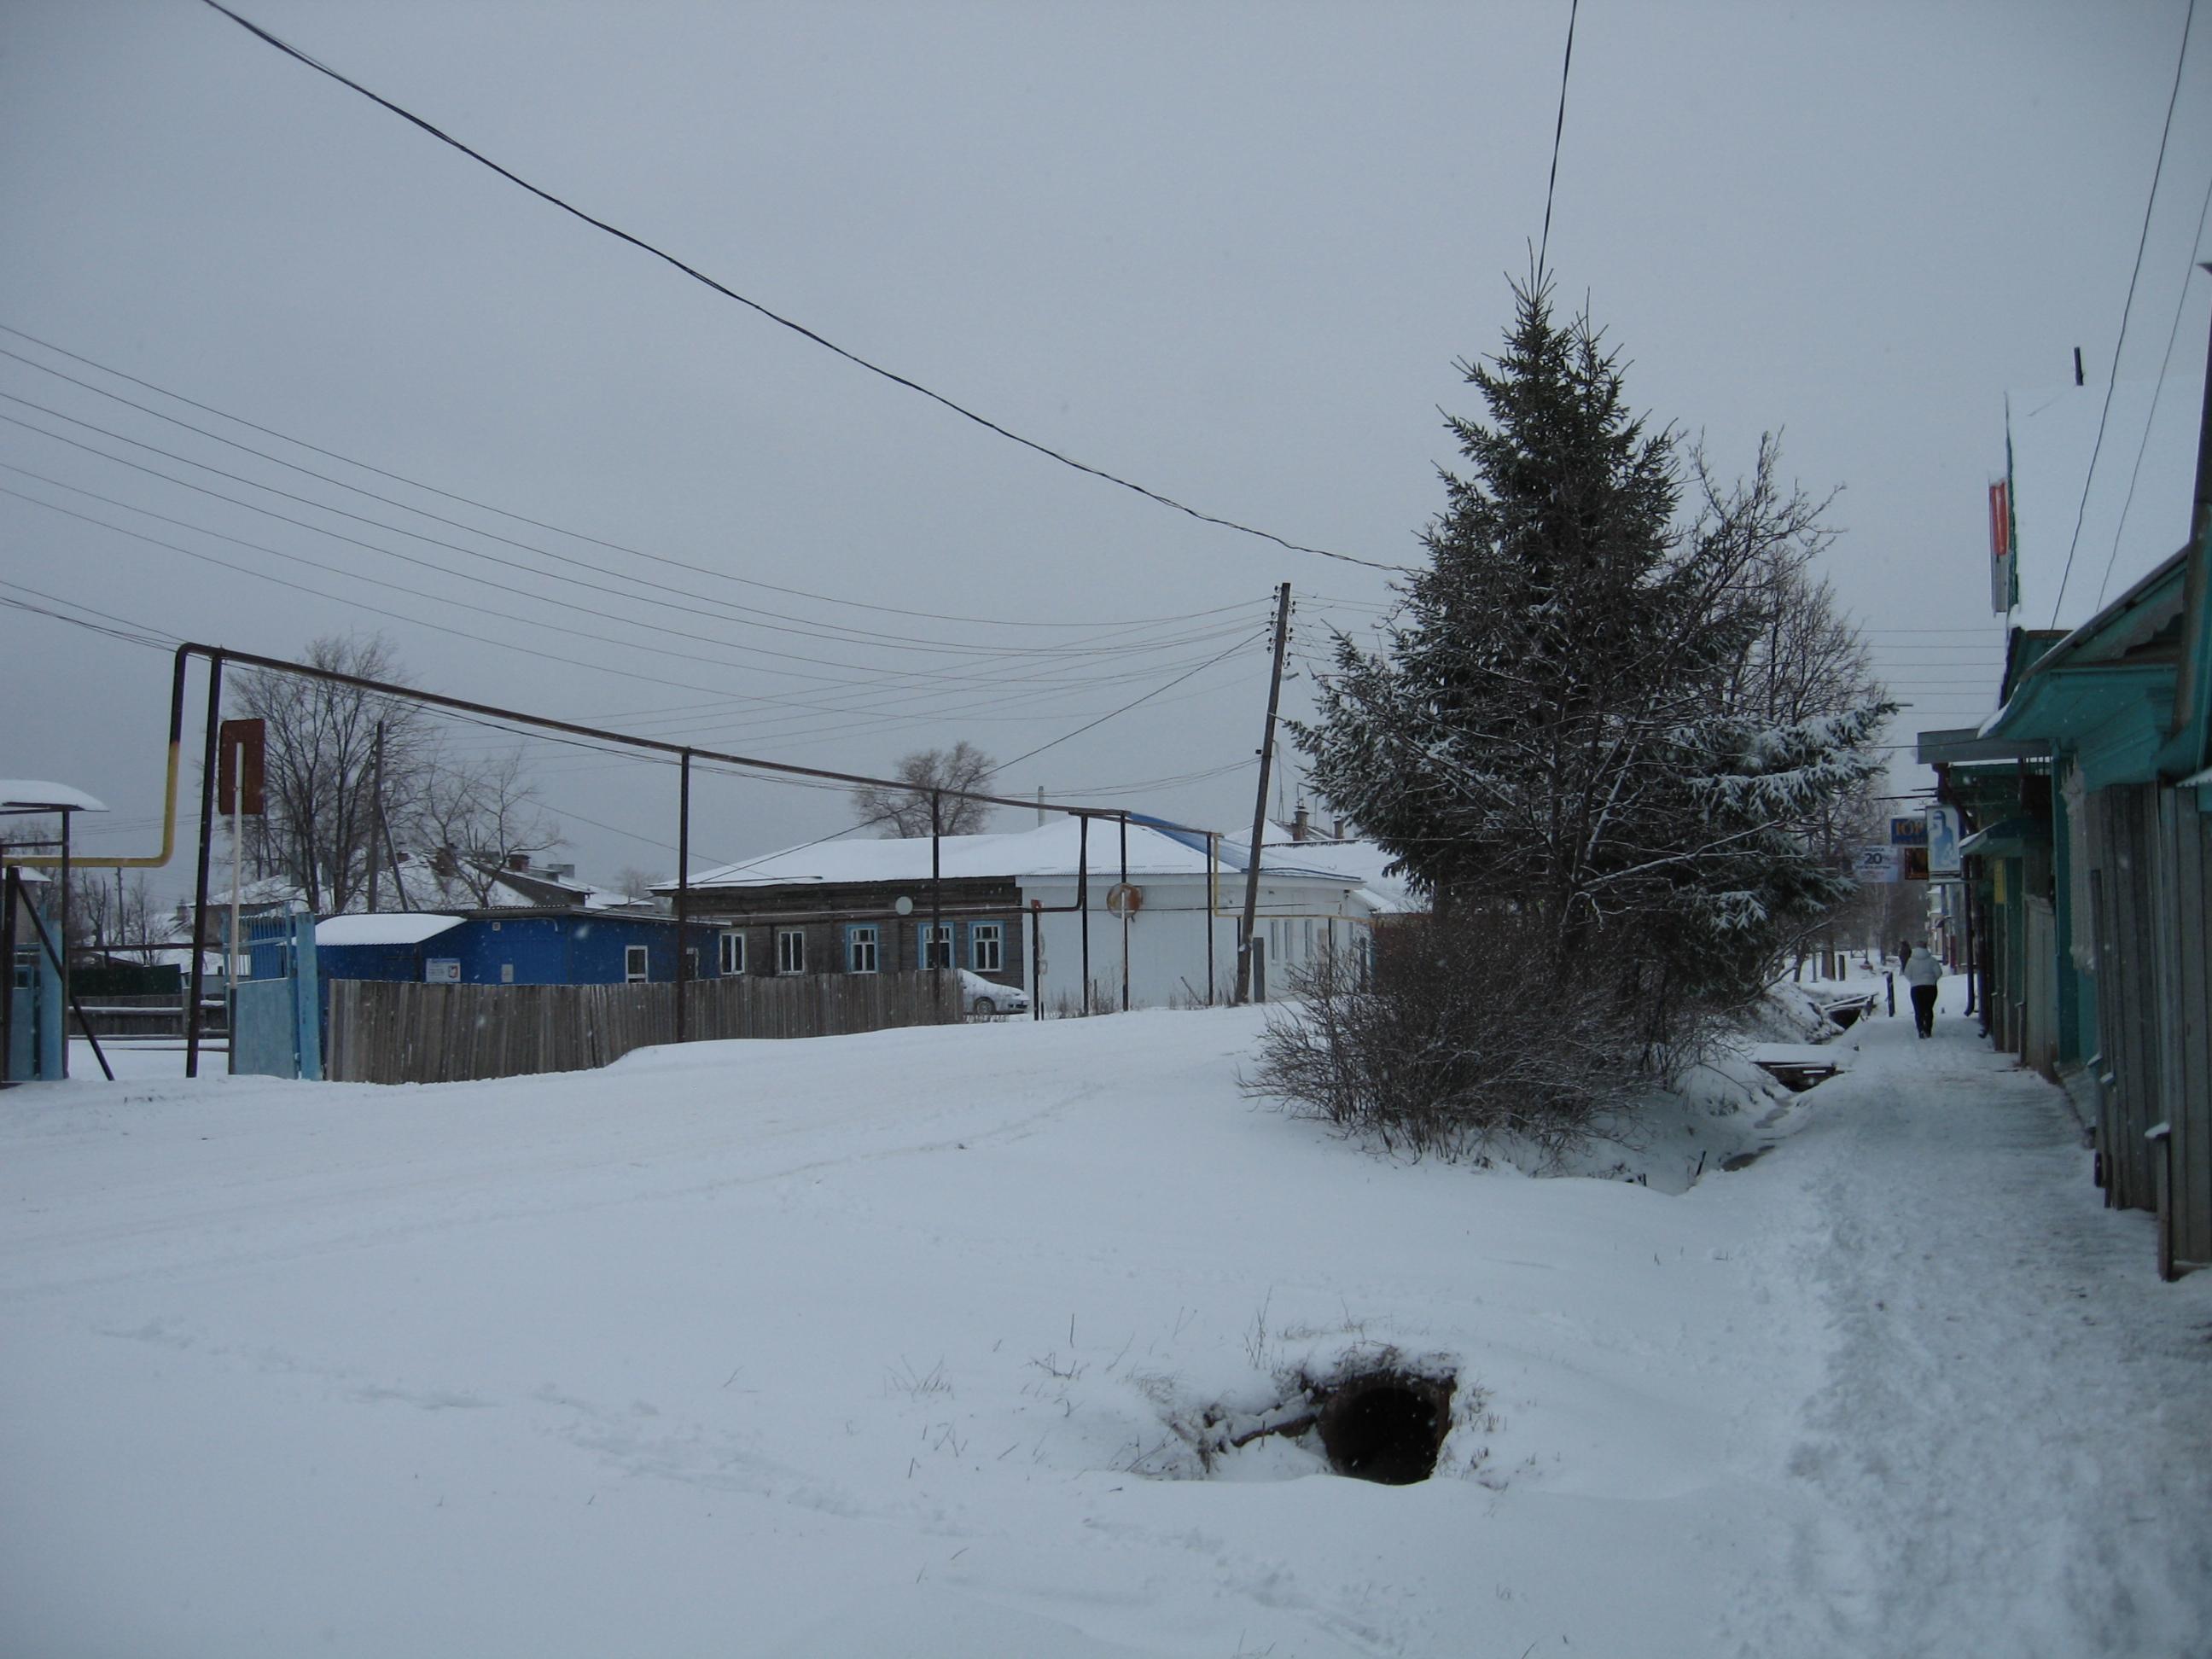 2020 03 24 Малмыж Снег (4).JPG